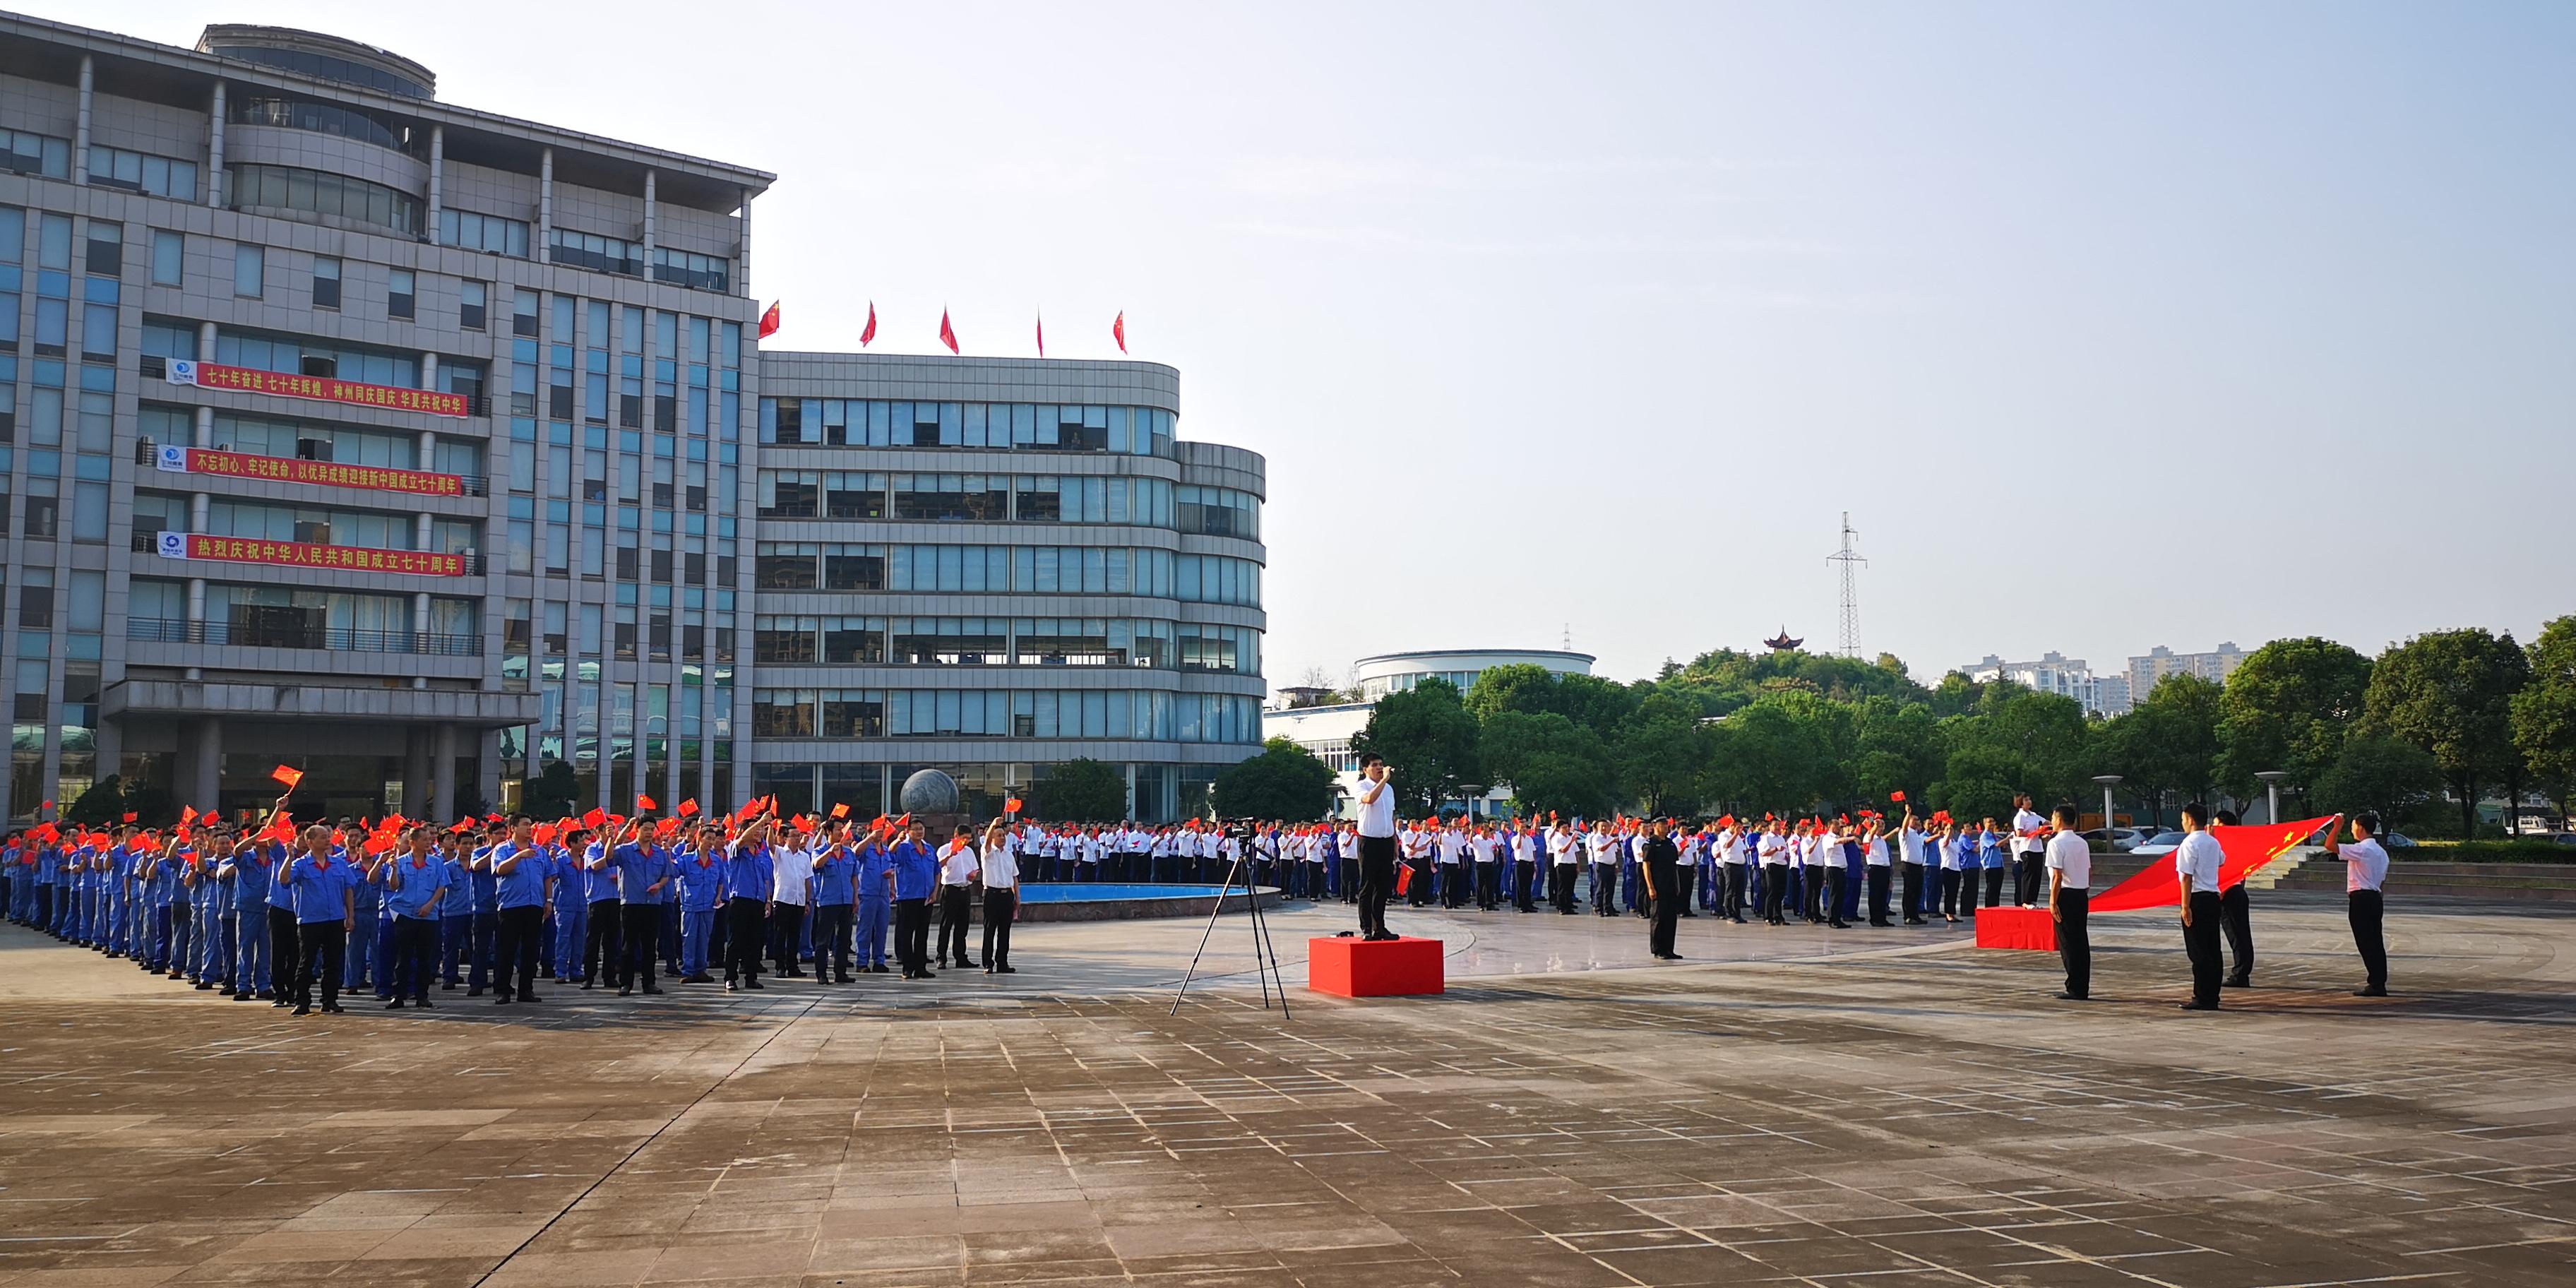 黑旋風科技園升旗儀式紀念國慶70周年